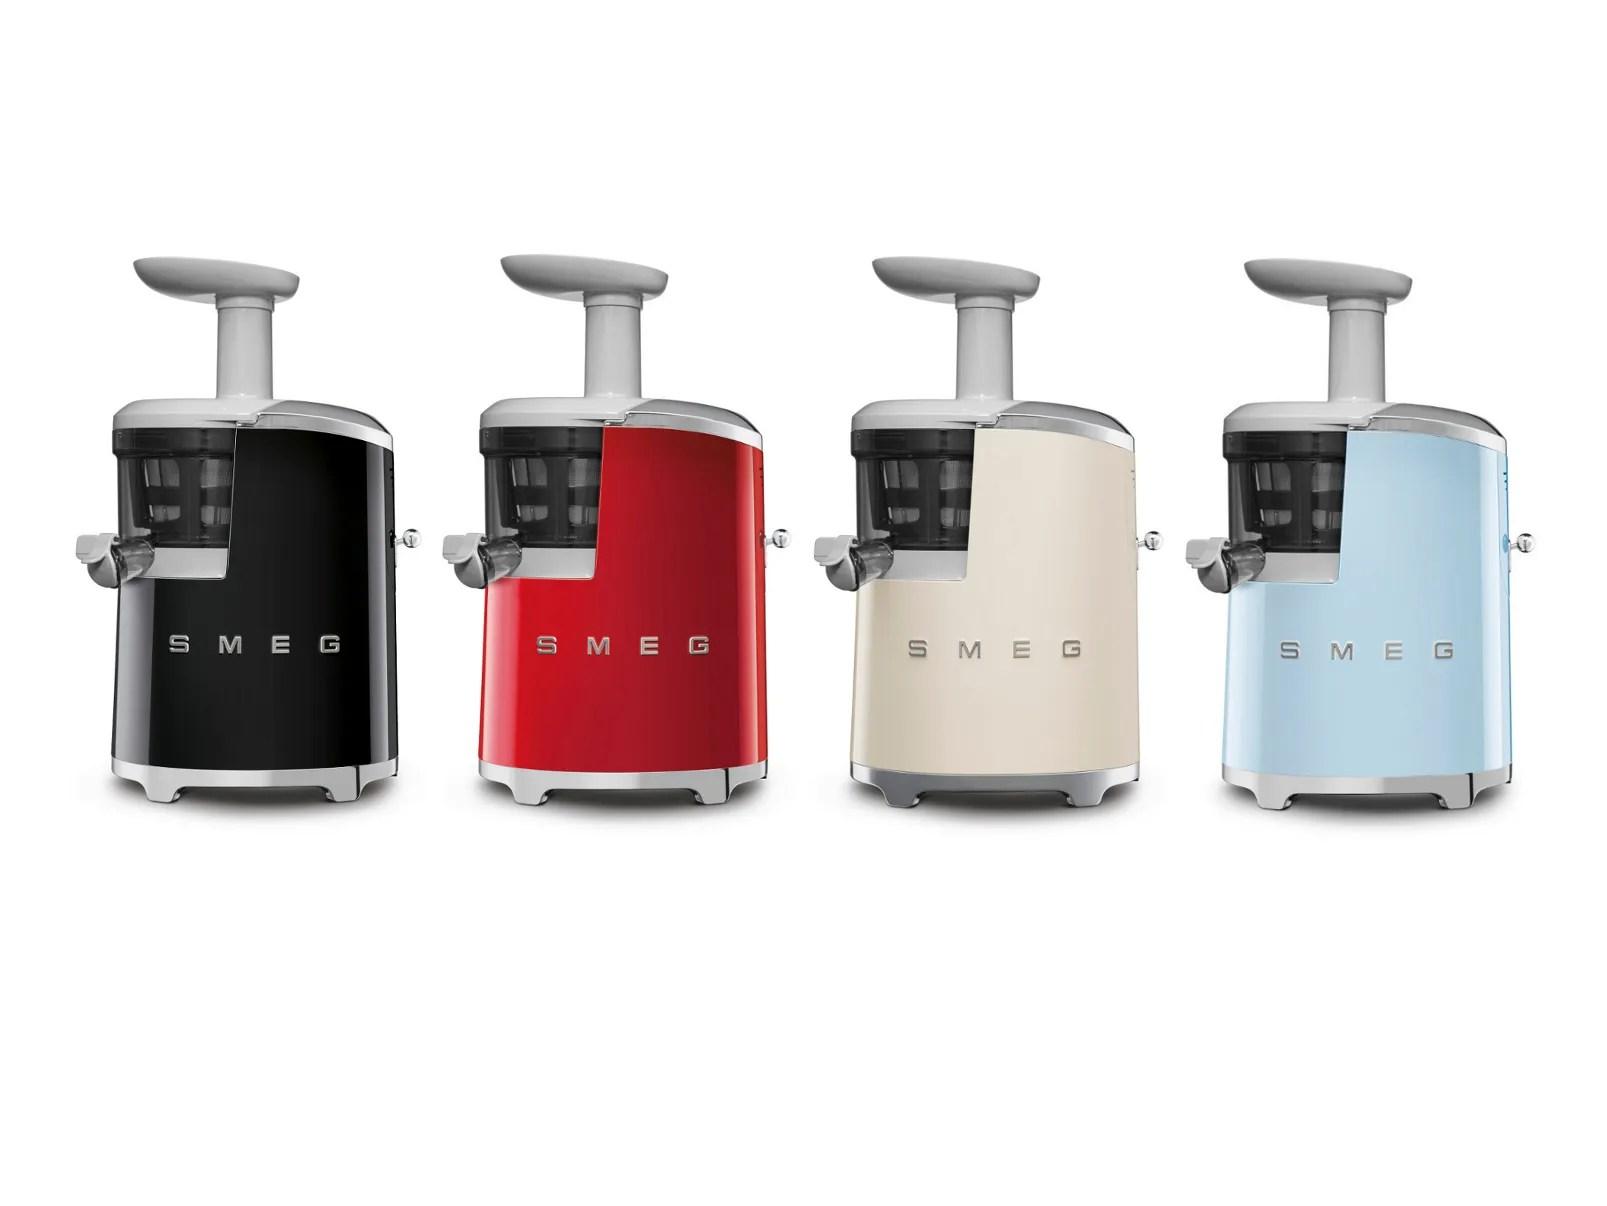 SJF01 Slow Juicer Smeg 50s Style Collection By Smeg